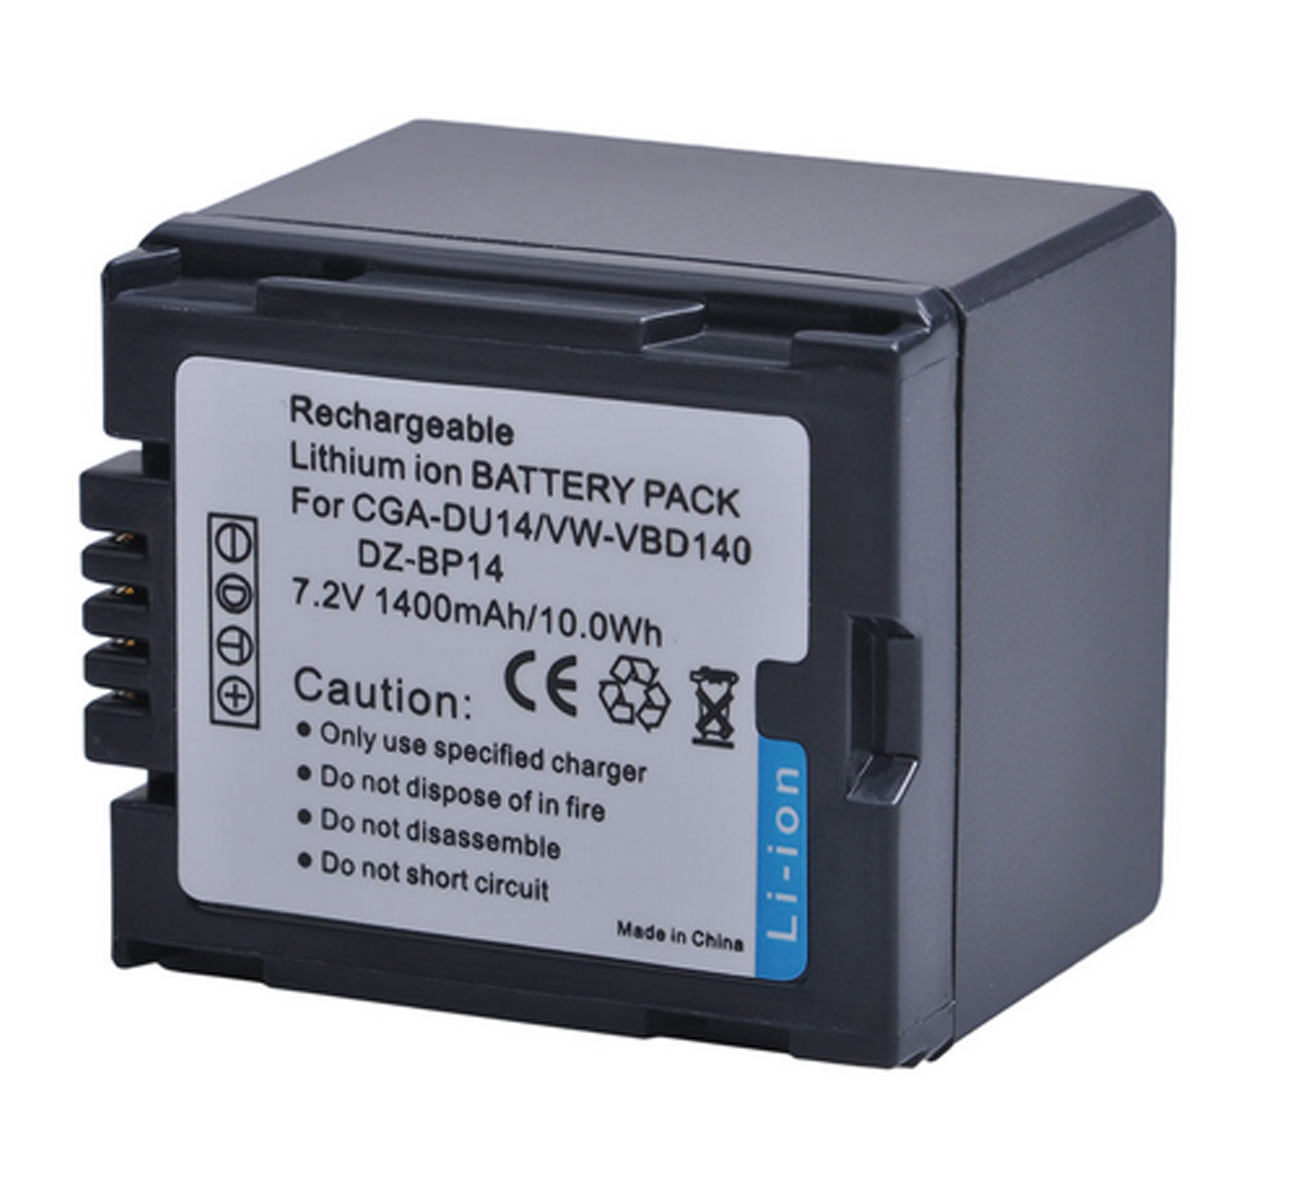 VDR-M50PP VDR-M53PP LCD USB Battery Charger for Panasonic VDR-M30PP VDR-M55PP Camcorder